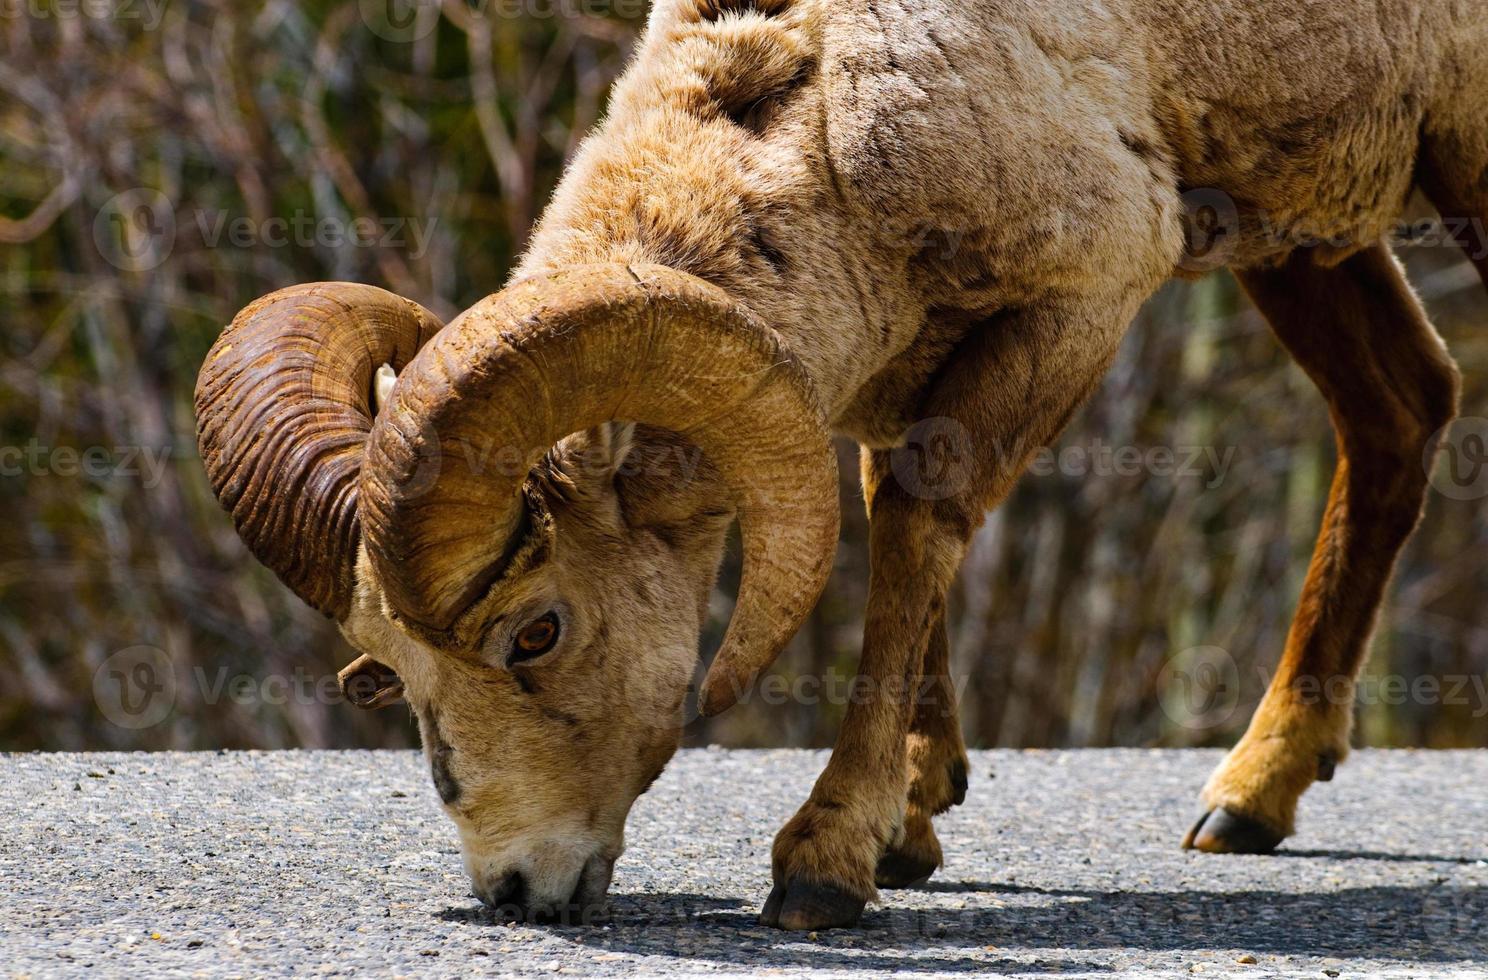 ovejas de cuernos grandes de montaña rocosa foto